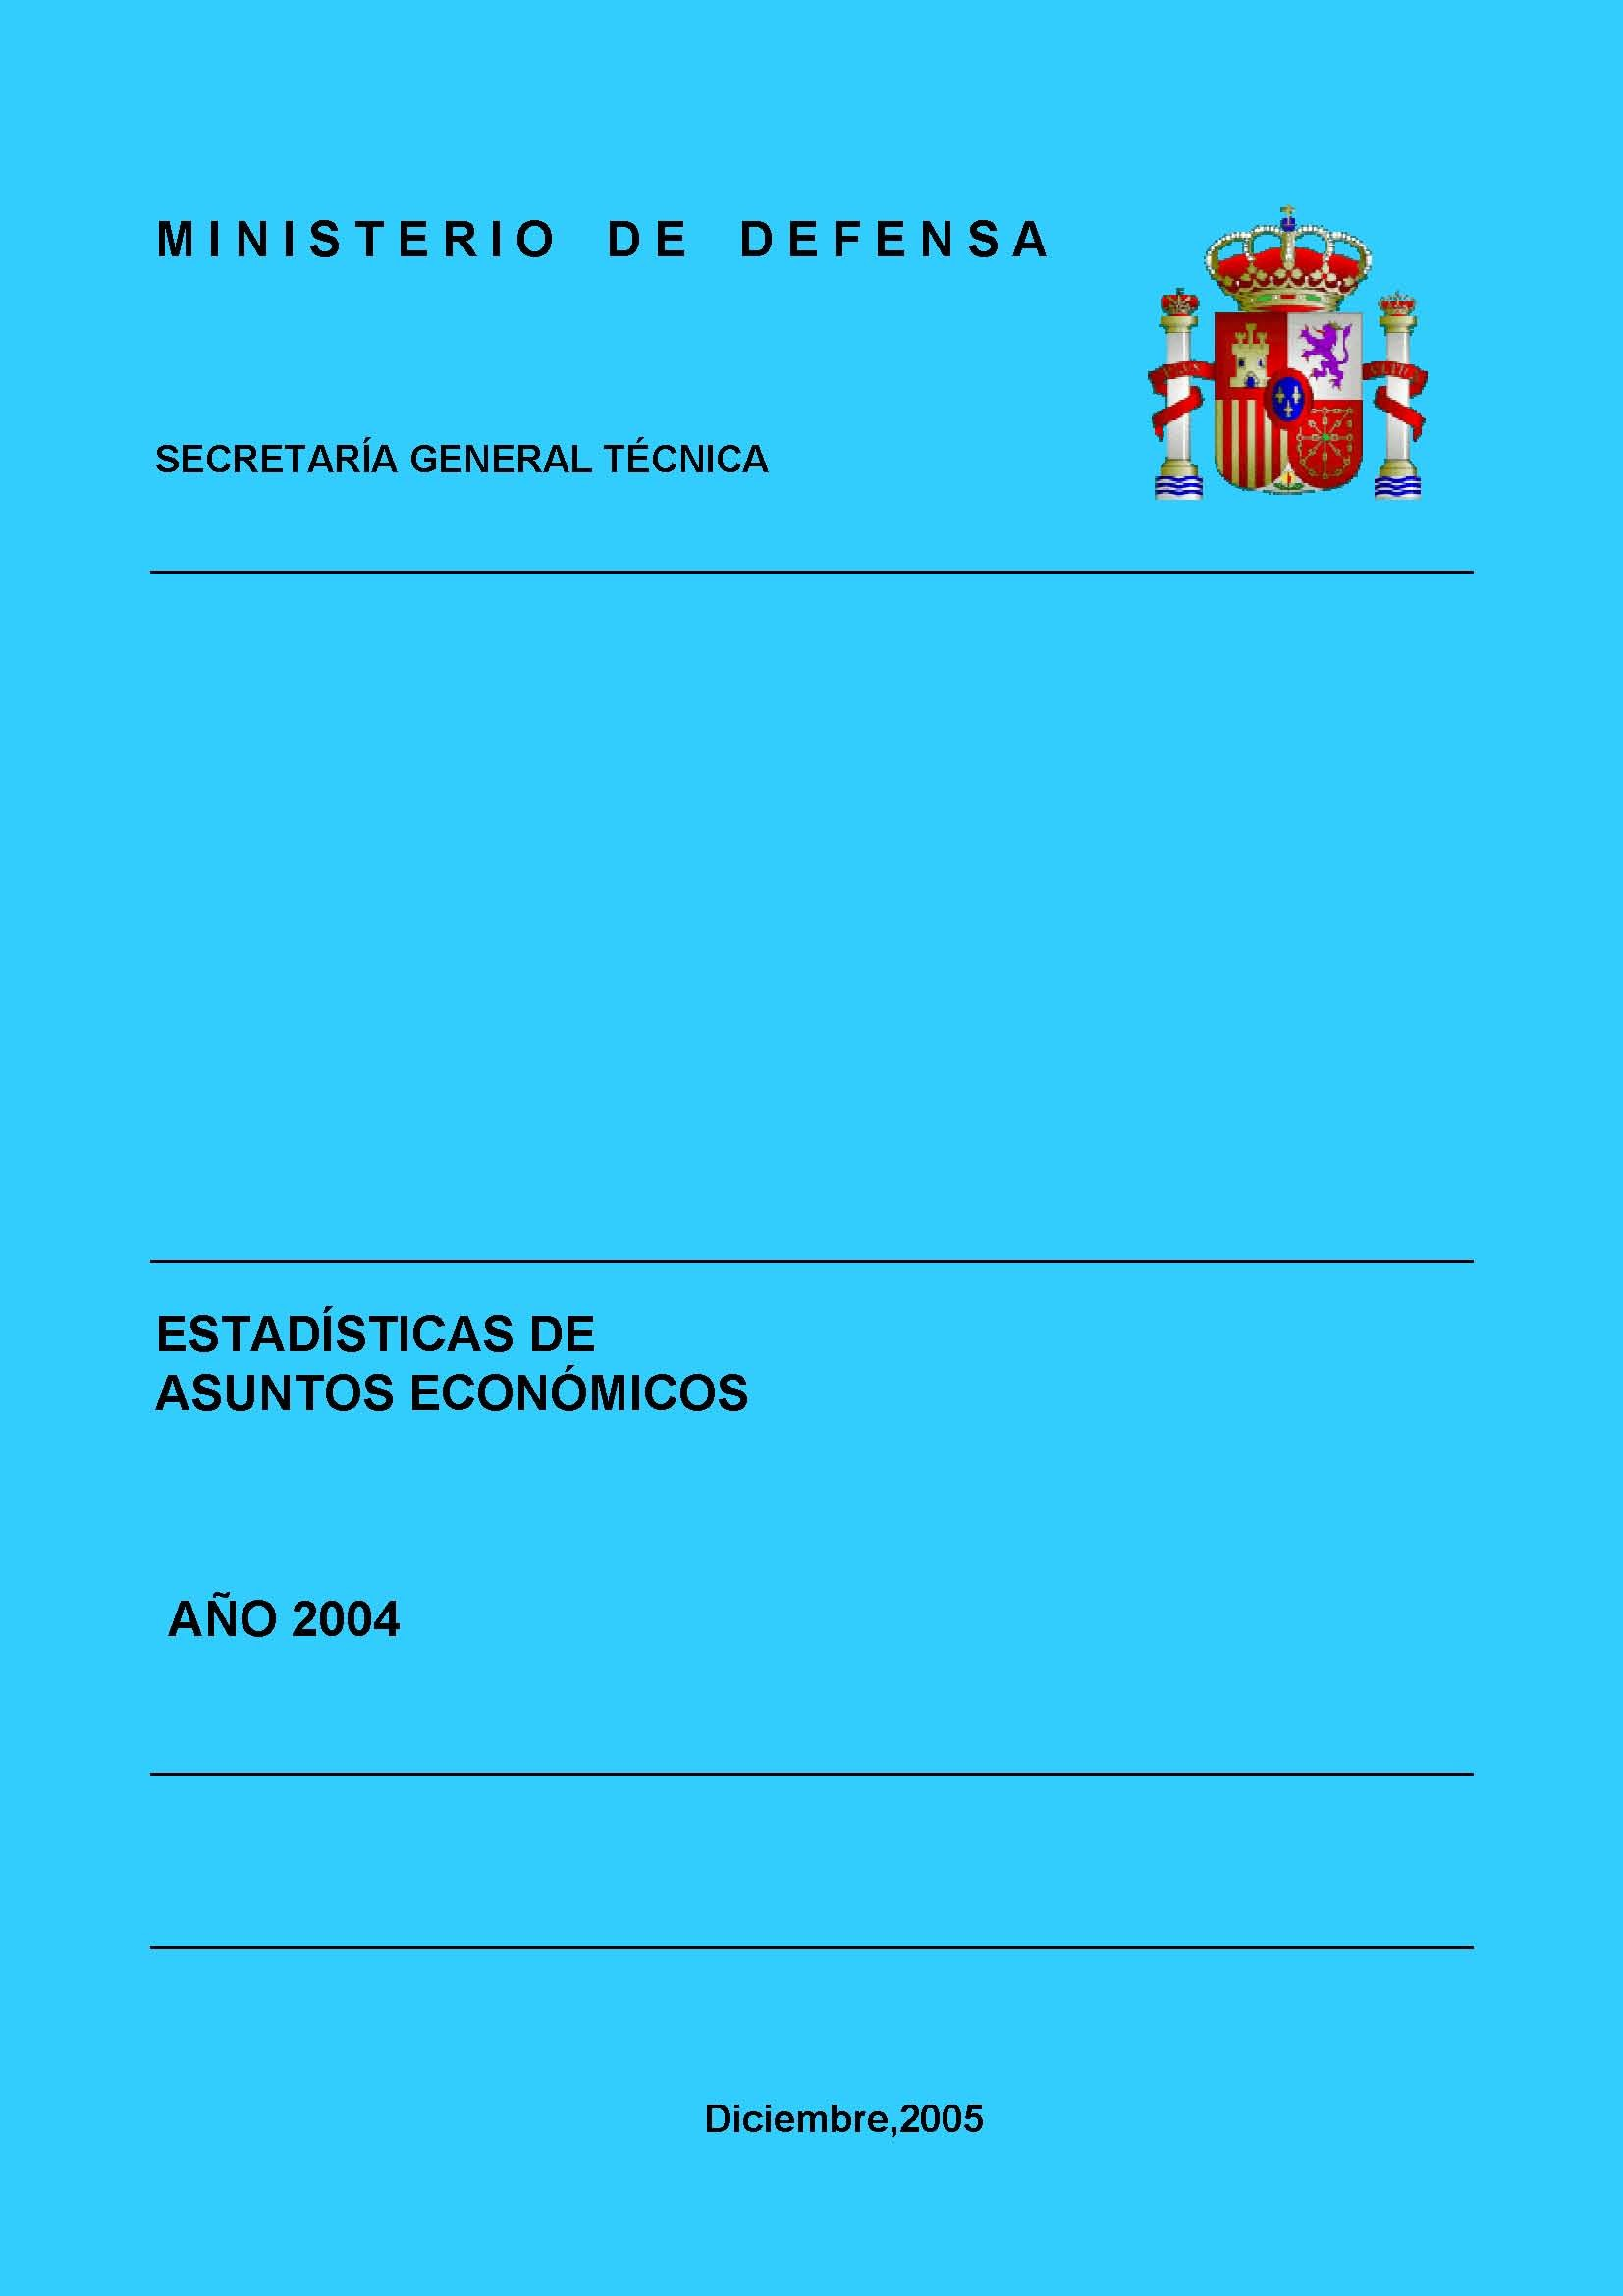 ESTADÍSTICA DE ASUNTOS ECONÓMICOS 2004